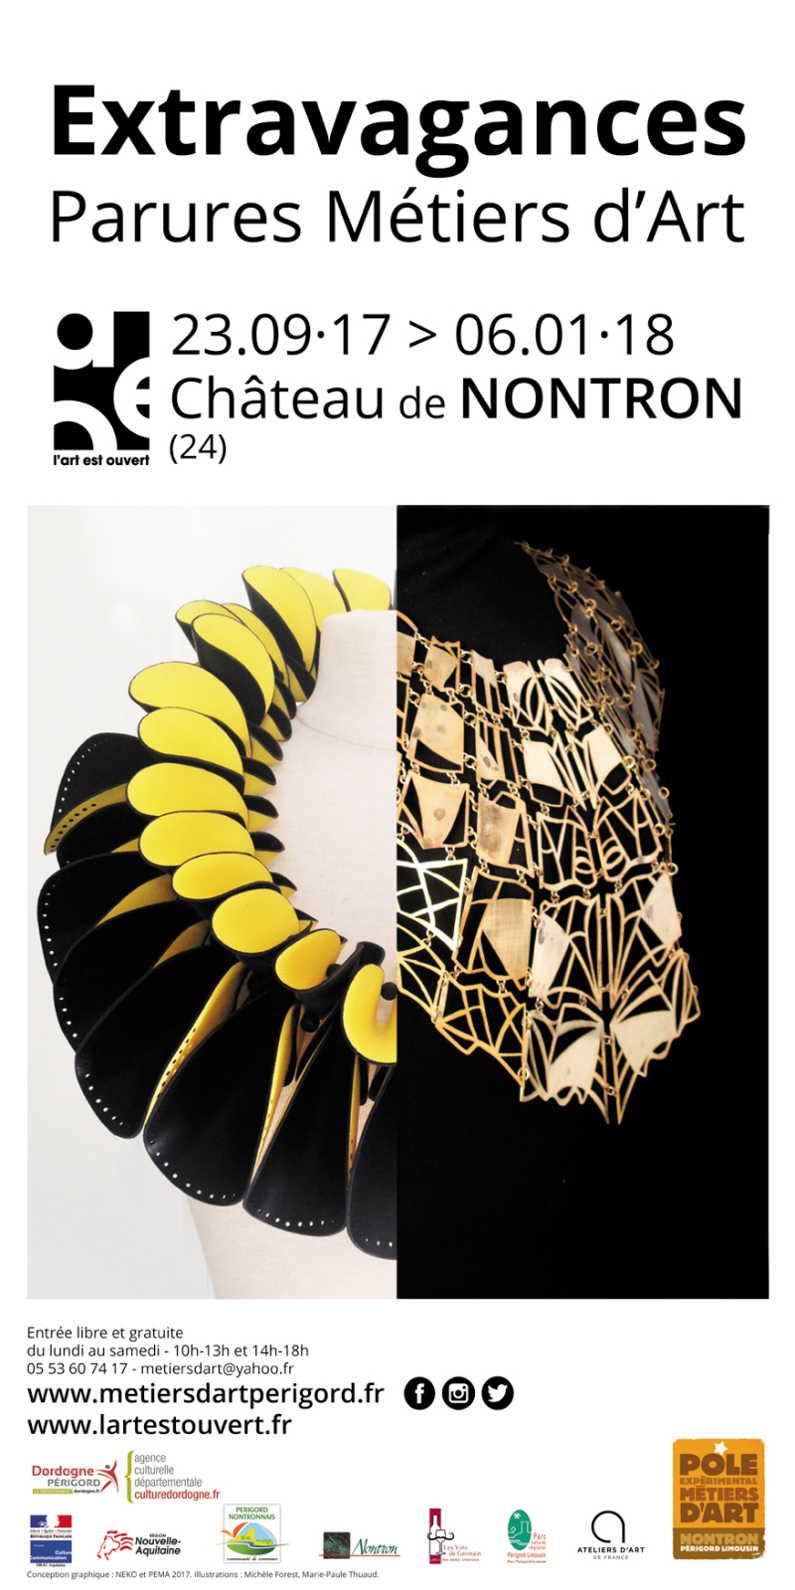 Exposition Extravagances, parures métiers d'art à Nontron